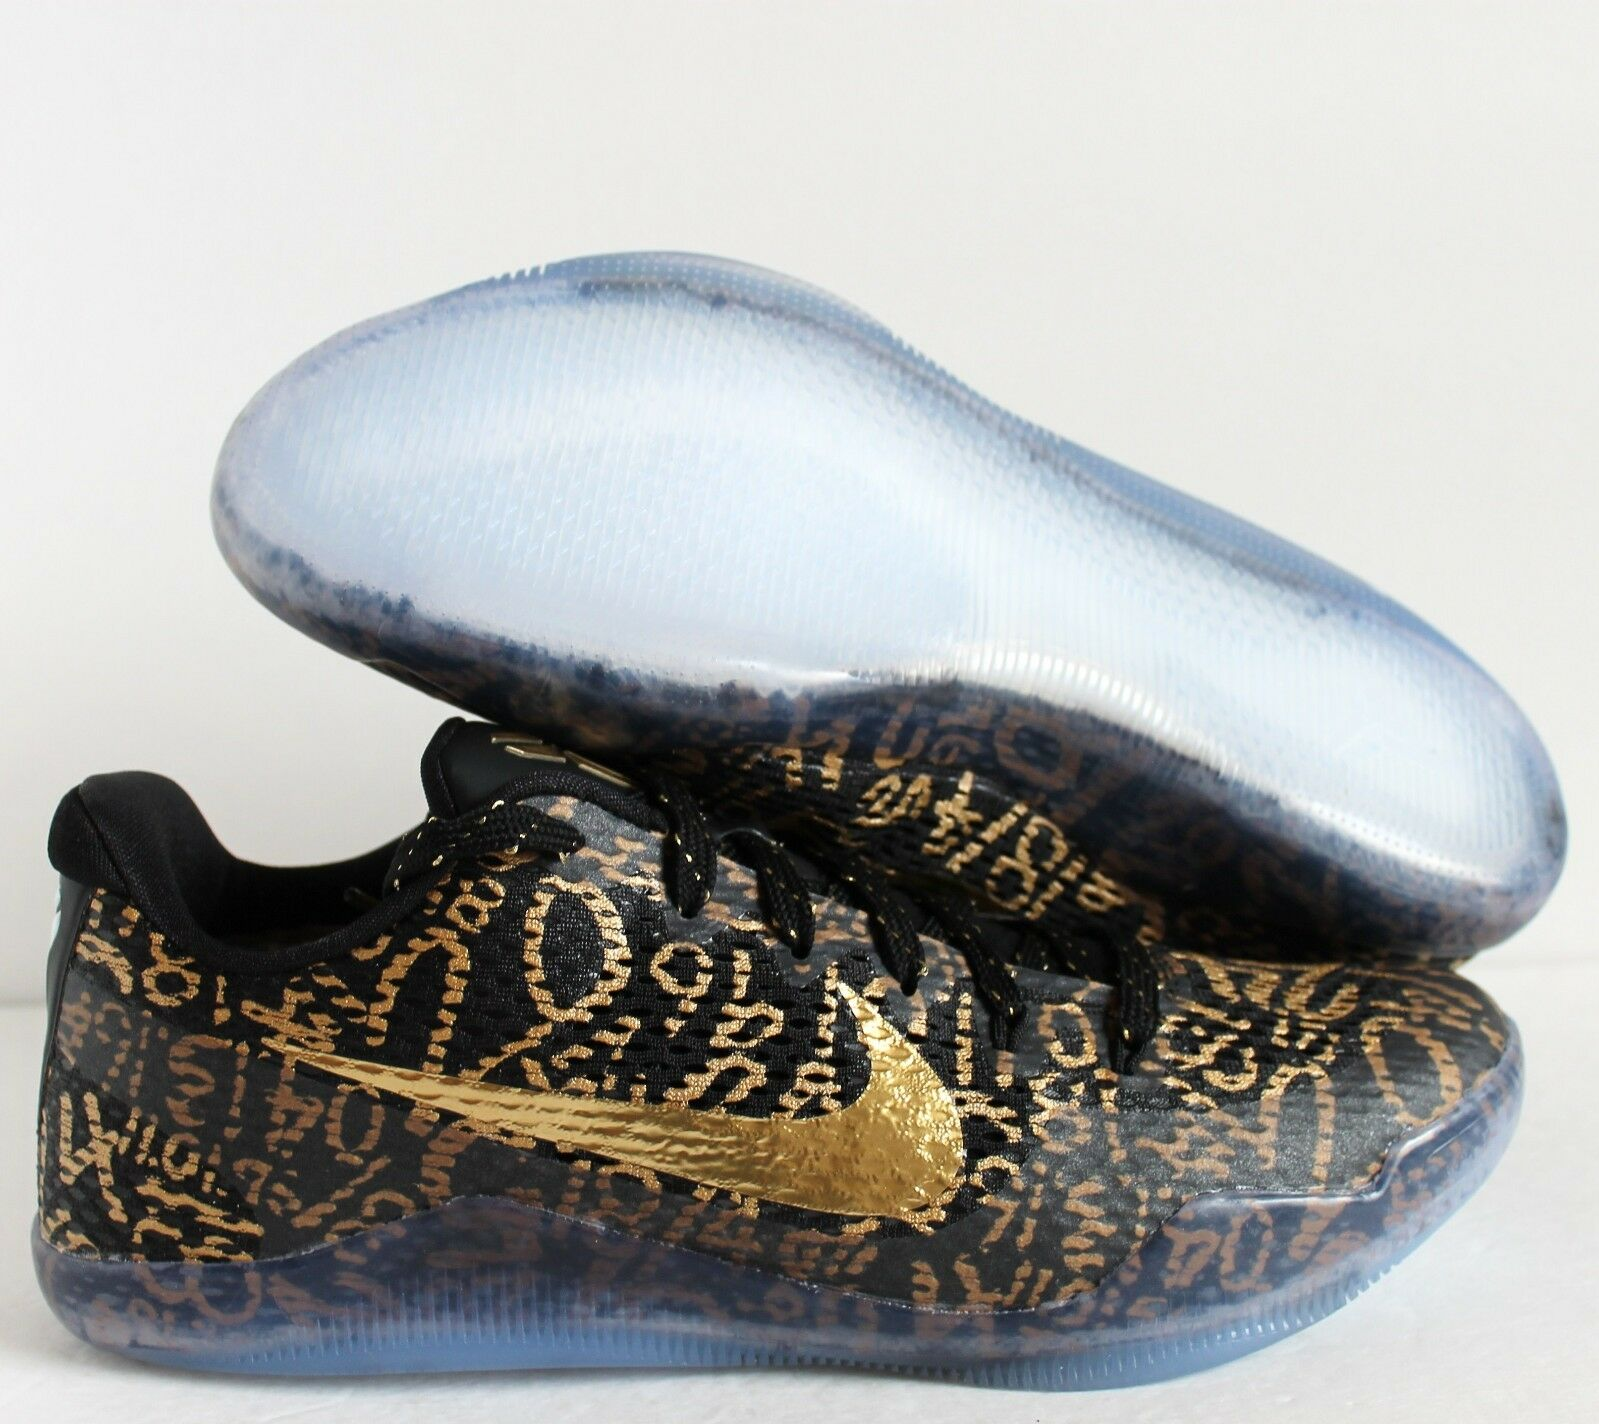 Nike Kobe XI 11 id precios Mamba Negro-Oro-Blanco reducción de precios id estacionales de recortes de precios, beneficios de descuentos 09bb09